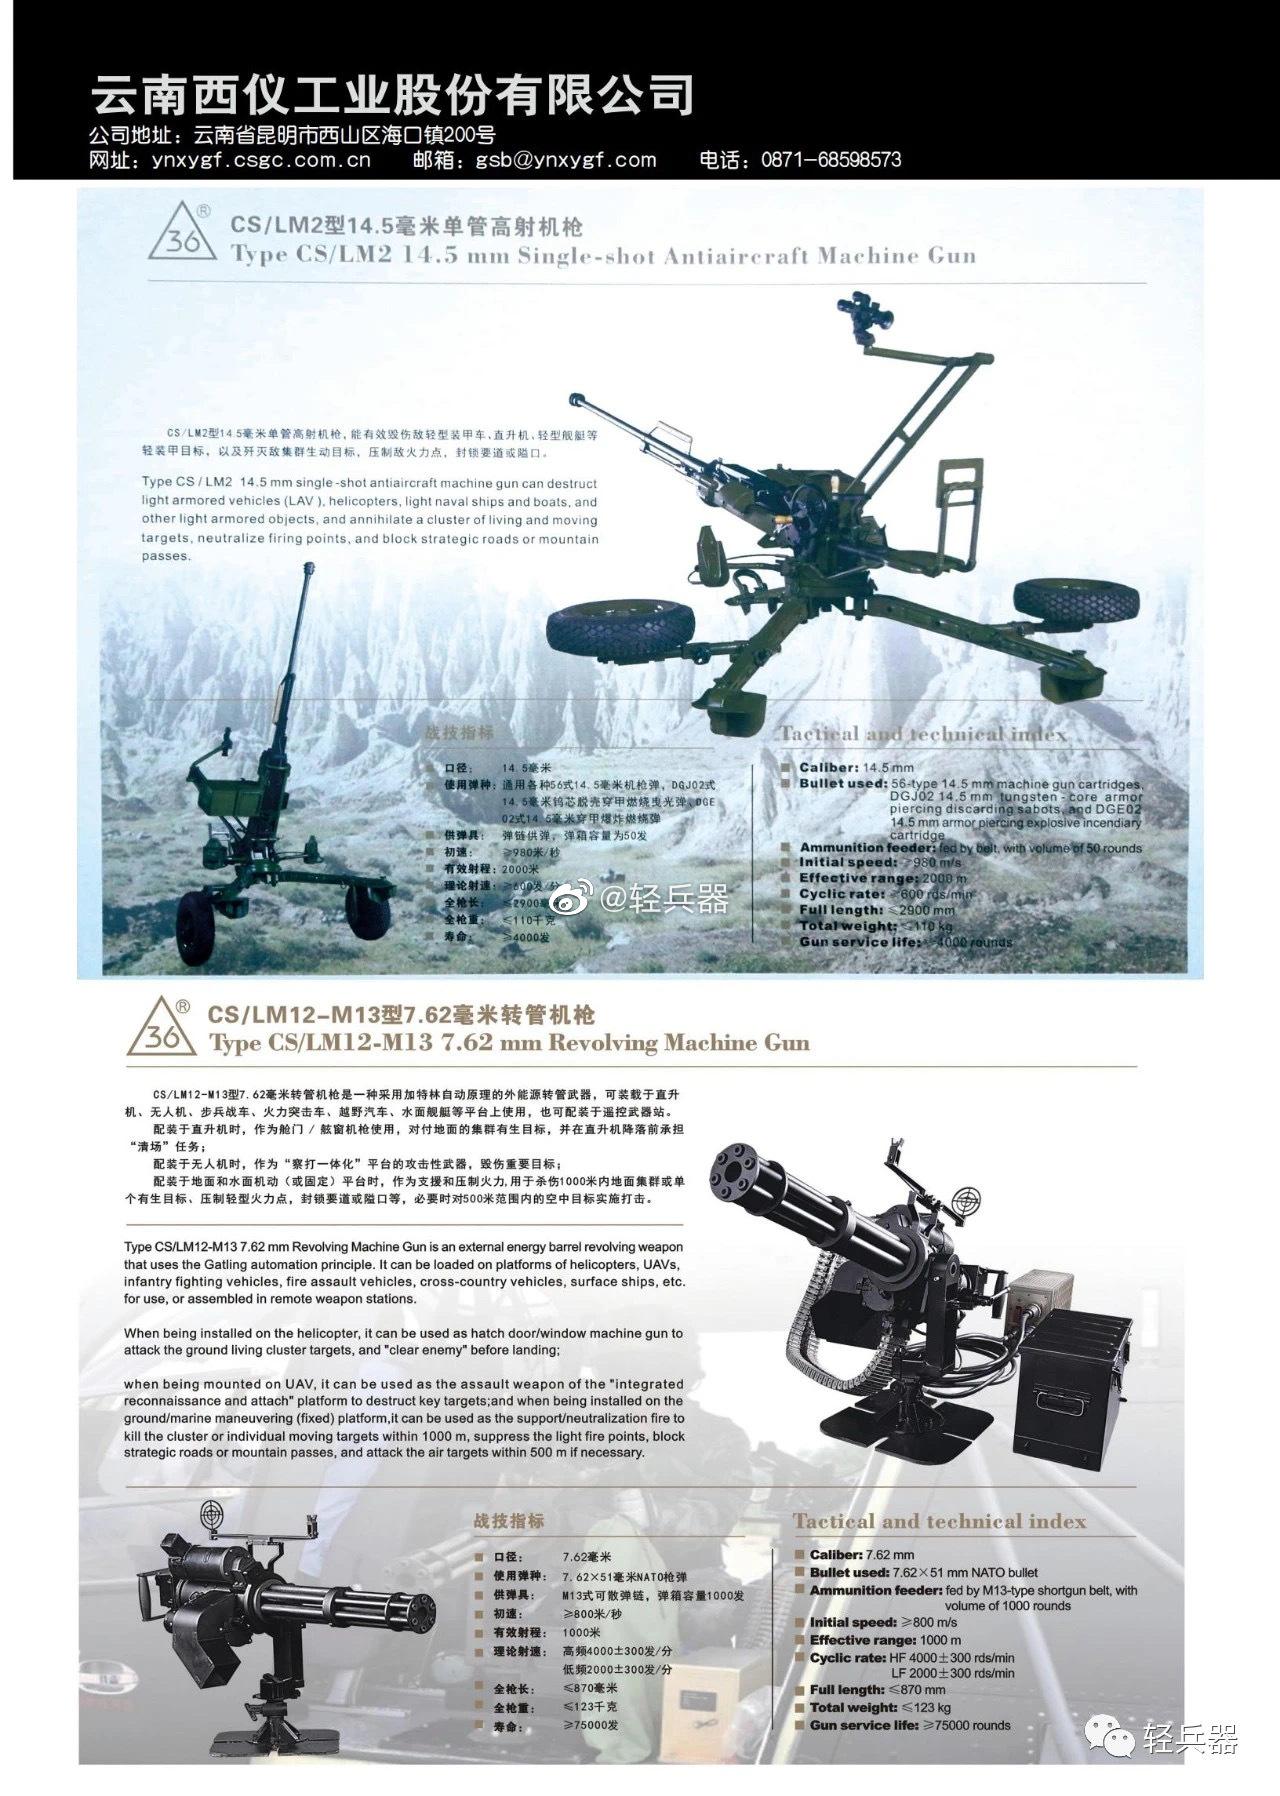 Китайский 14,5-мм пулемет CS/LM2 (QJG-02) в Иране